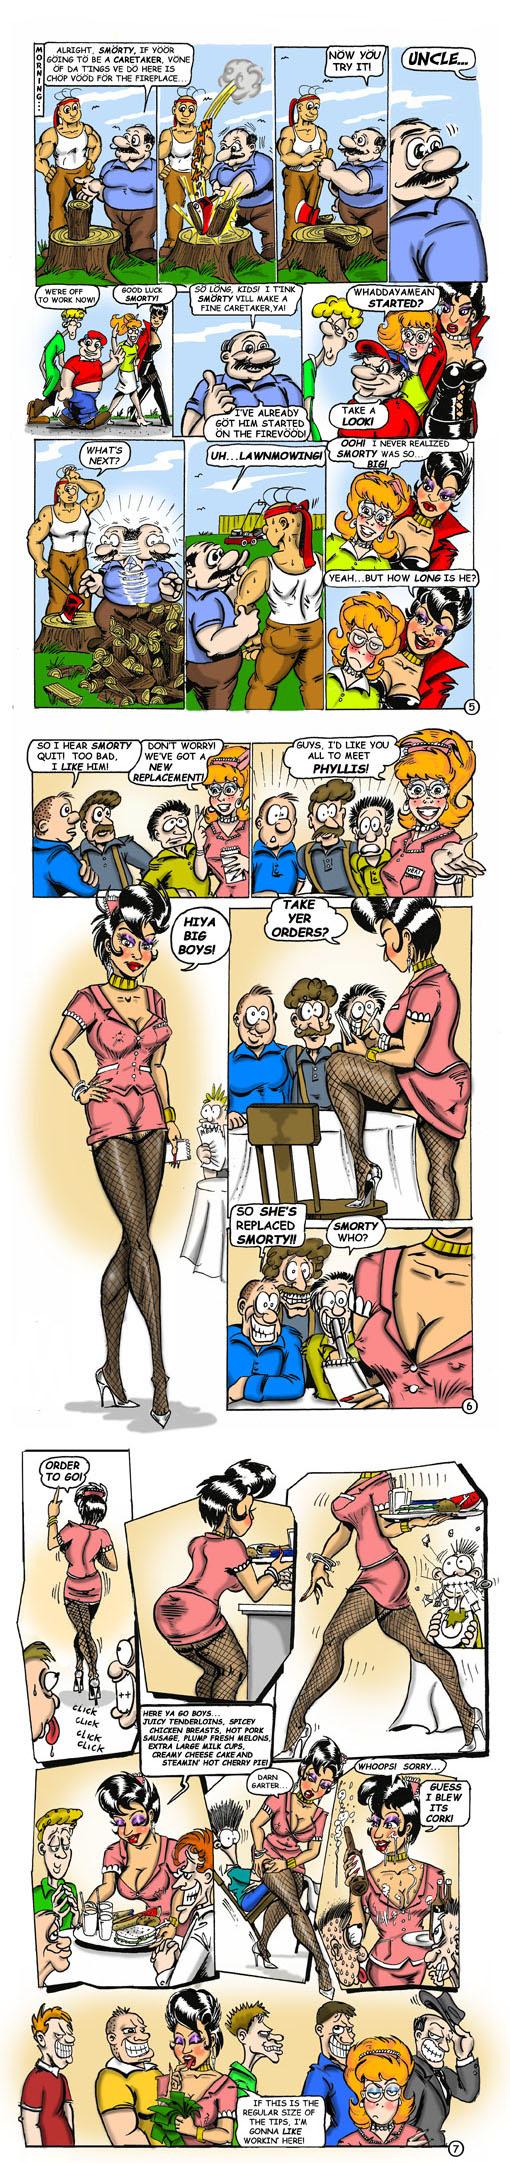 Smorty Smythe #4 pg. 05-06-07